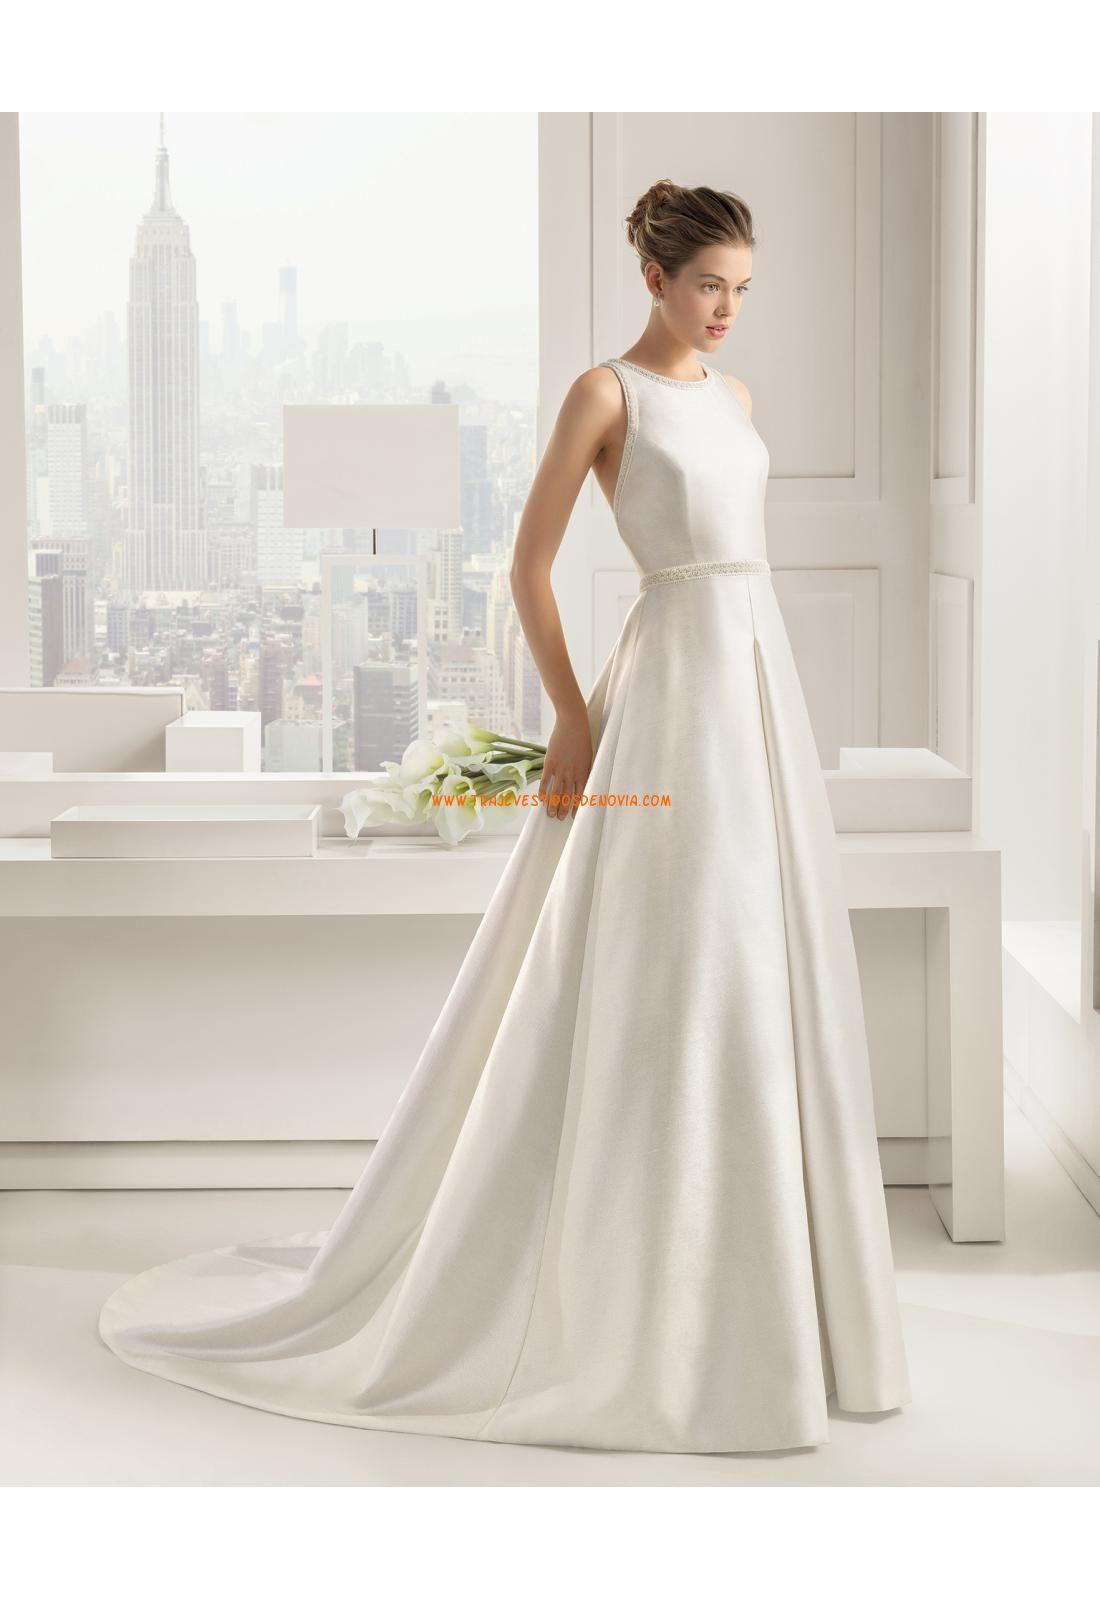 Vestidos de novia modas cross de saten y simple con cola capilla ...